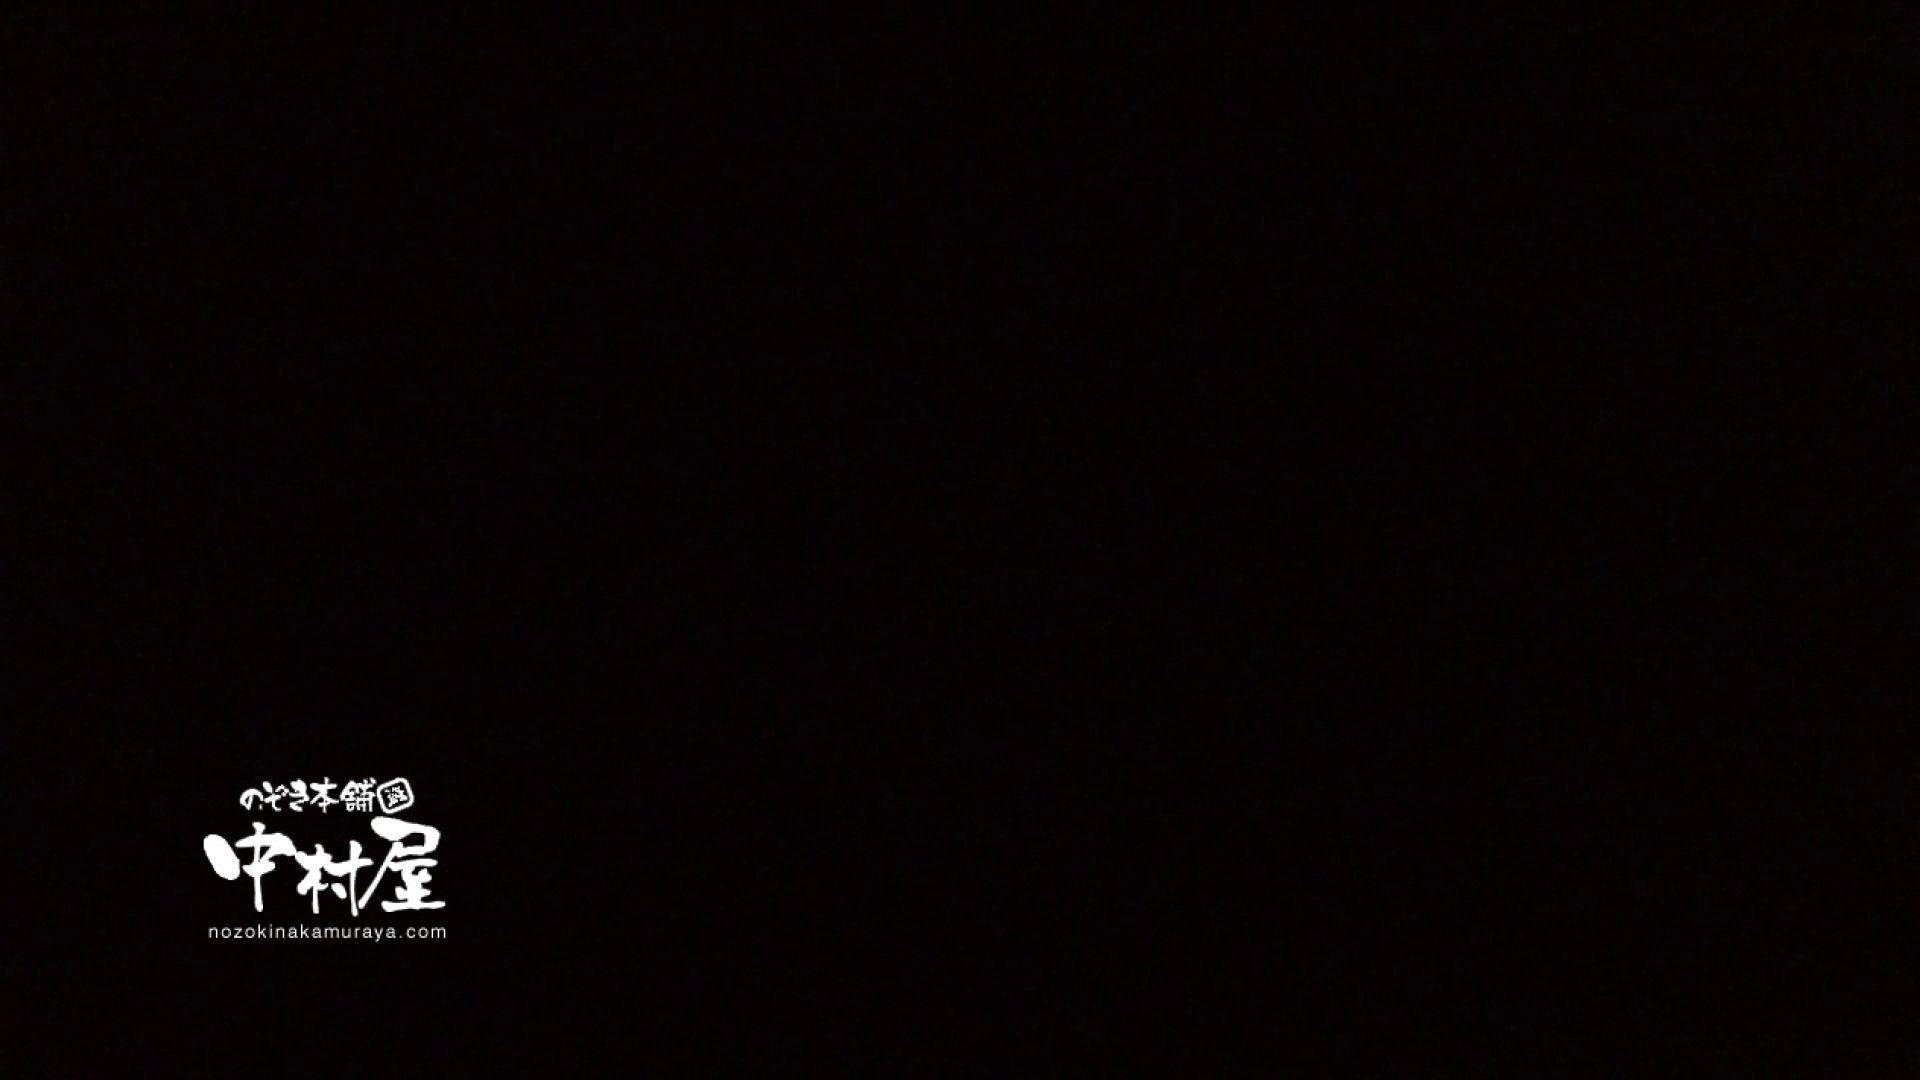 鬼畜 vol.10 あぁ無情…中出しパイパン! 前編 パイパン おめこ無修正動画無料 57連発 34